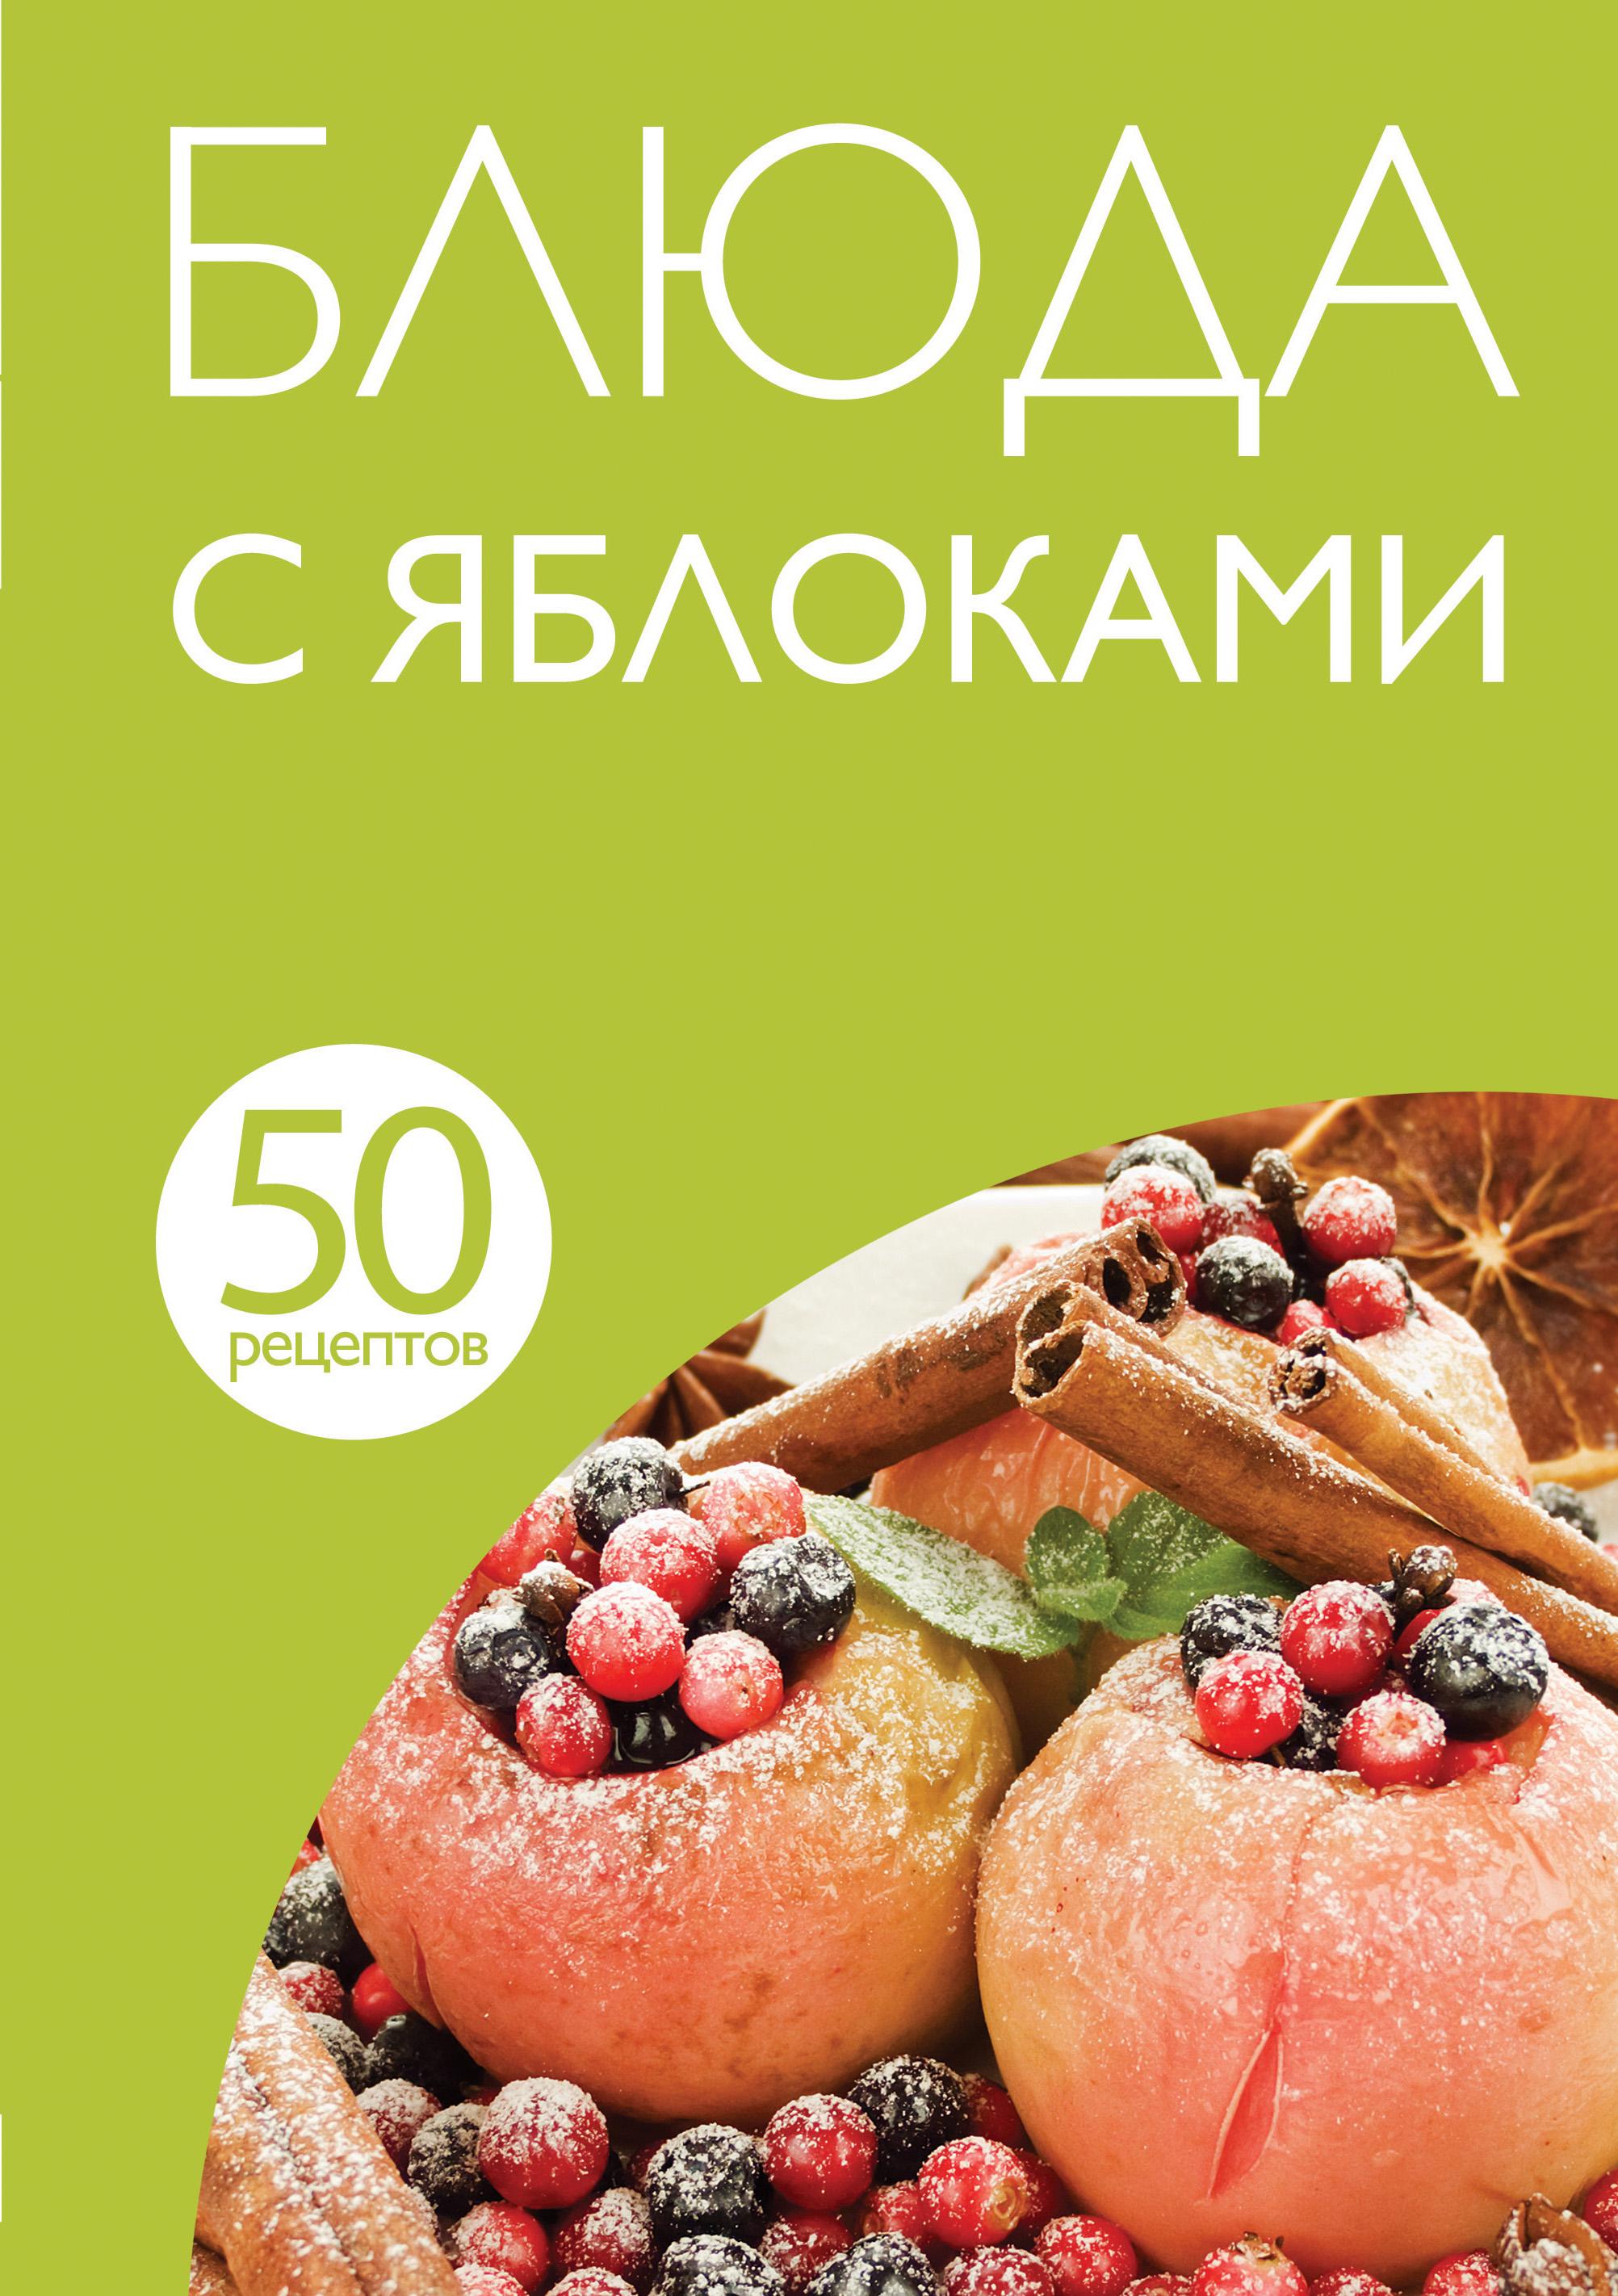 50 рецептов. Блюда с яблоками